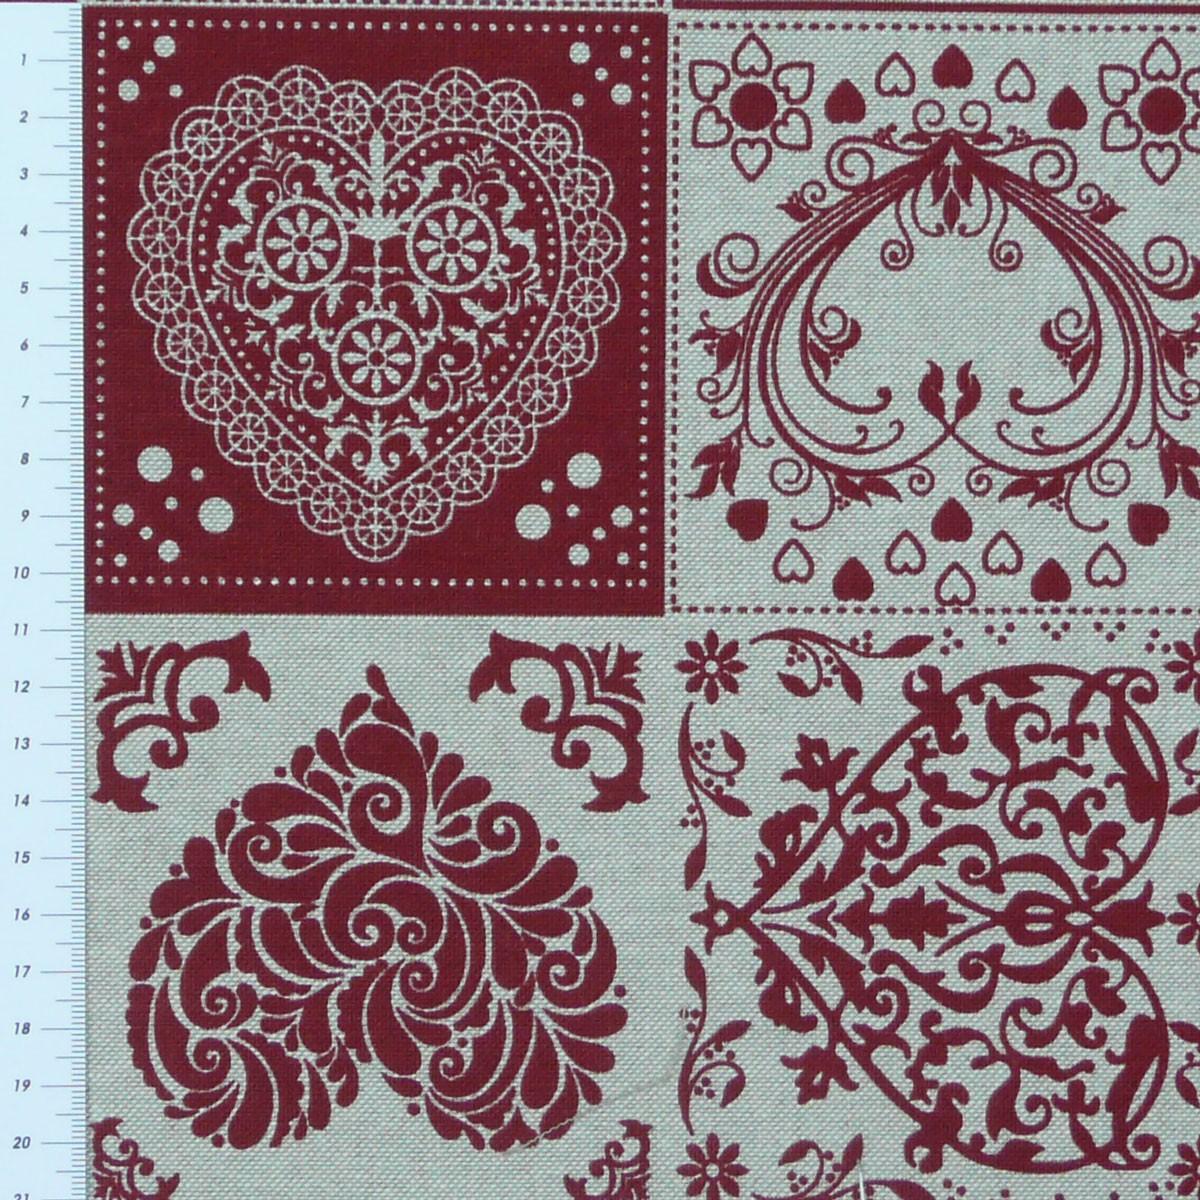 dekostoff meterware herzen karo weihnachten rot 1 40m breite alle stoffe stoffe gemustert stoff. Black Bedroom Furniture Sets. Home Design Ideas